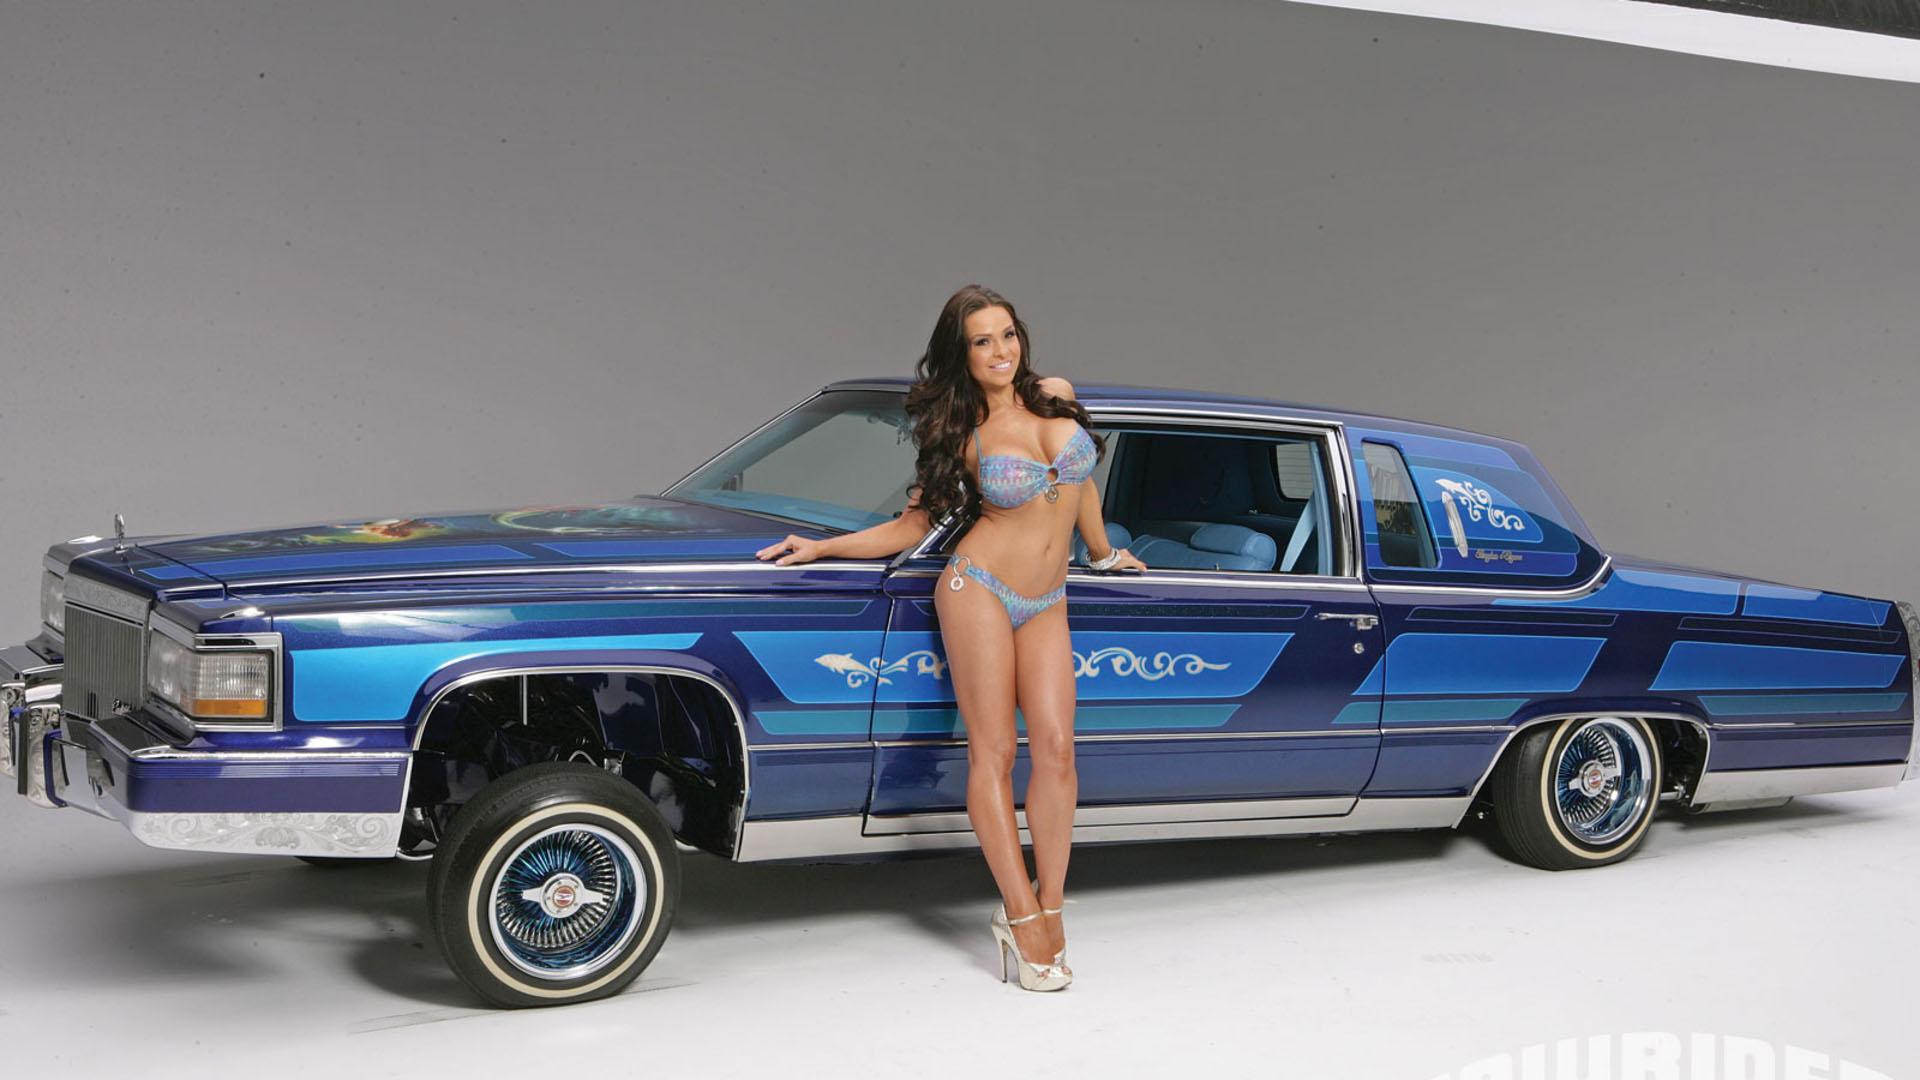 Super Cars With Hot Girls  6   SA  HD Wallpaper